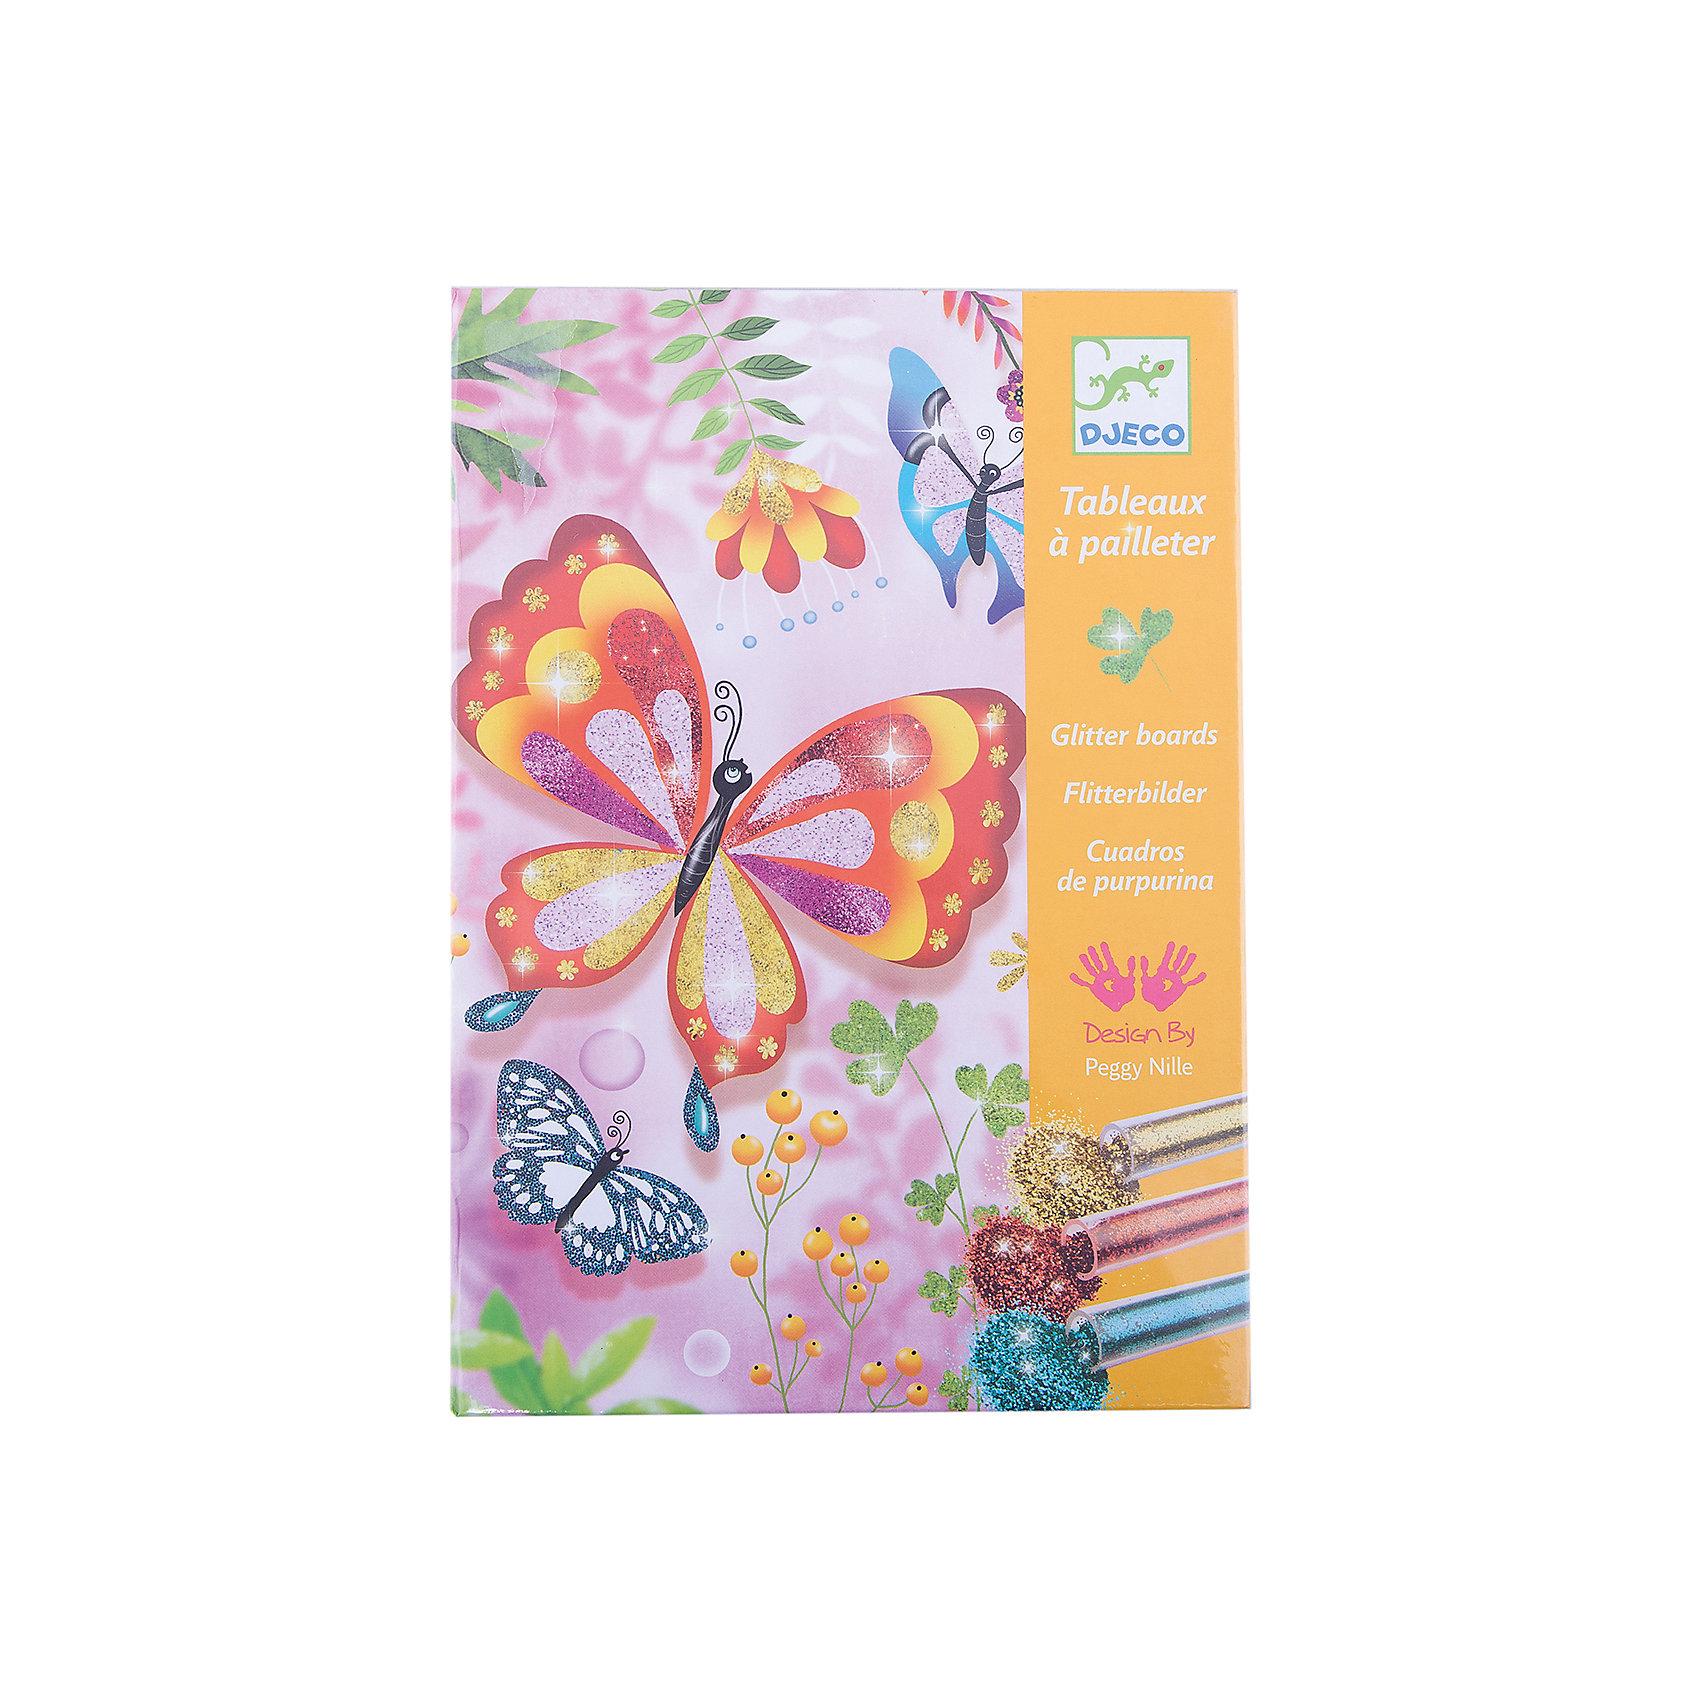 Раскраска Блестящие бабочкиРаскраска Блестящие бабочки – это невероятно красивый и яркий творческий набор для вашей девочки.<br>С помощью раскраски Блестящие бабочки Ваша девочка сможет освоить технику раскрашивания картинок разноцветными блёстками. Картинки, выполненные в этой технике, создают атмосферу сказки и праздничное настроение игрой света, переливами цветов и мерцанием красок. В комплекте Вы найдете картинки-основы с изображением ярких, солнечных бабочек, божьих коровок, стрекоз, пчелок. Поместите картинку в коробку, в которой продается набор. Некоторые участки картинки не раскрашены и имеют клейкую основу. Аккуратно снимите пленку с одного участка и посыпьте из тюбика блестками нужного цвета. Лишние блестки снимите кисточкой или шпателем и через специальное отверстие в коробке пересыпьте их обратно в тюбик. Таким образом, Вы можете экономно расходовать блестки, и рабочее место останется чистым. Так раскрасьте всю картинку. Техника рисование блестками имеет большое преимущество - работы всегда получаются яркими, красочными и волшебными. Творя, ребенок развивает усидчивость, творческие навыки, воображения и фантазию.<br><br>Дополнительная информация:<br><br>- В наборе: 4 клеящиеся картинки (150х210 мм), 6 тюбиков с разноцветными блёстками, кисть, стек, пошаговая инструкция.<br>- Размер упаковки: 23 х 17 х 4 см.<br>- Вес: 450 гр.<br><br>Раскраску Блестящие бабочки можно купить в нашем интернет-магазине.<br><br>Ширина мм: 230<br>Глубина мм: 170<br>Высота мм: 40<br>Вес г: 450<br>Возраст от месяцев: 84<br>Возраст до месяцев: 156<br>Пол: Женский<br>Возраст: Детский<br>SKU: 4305765